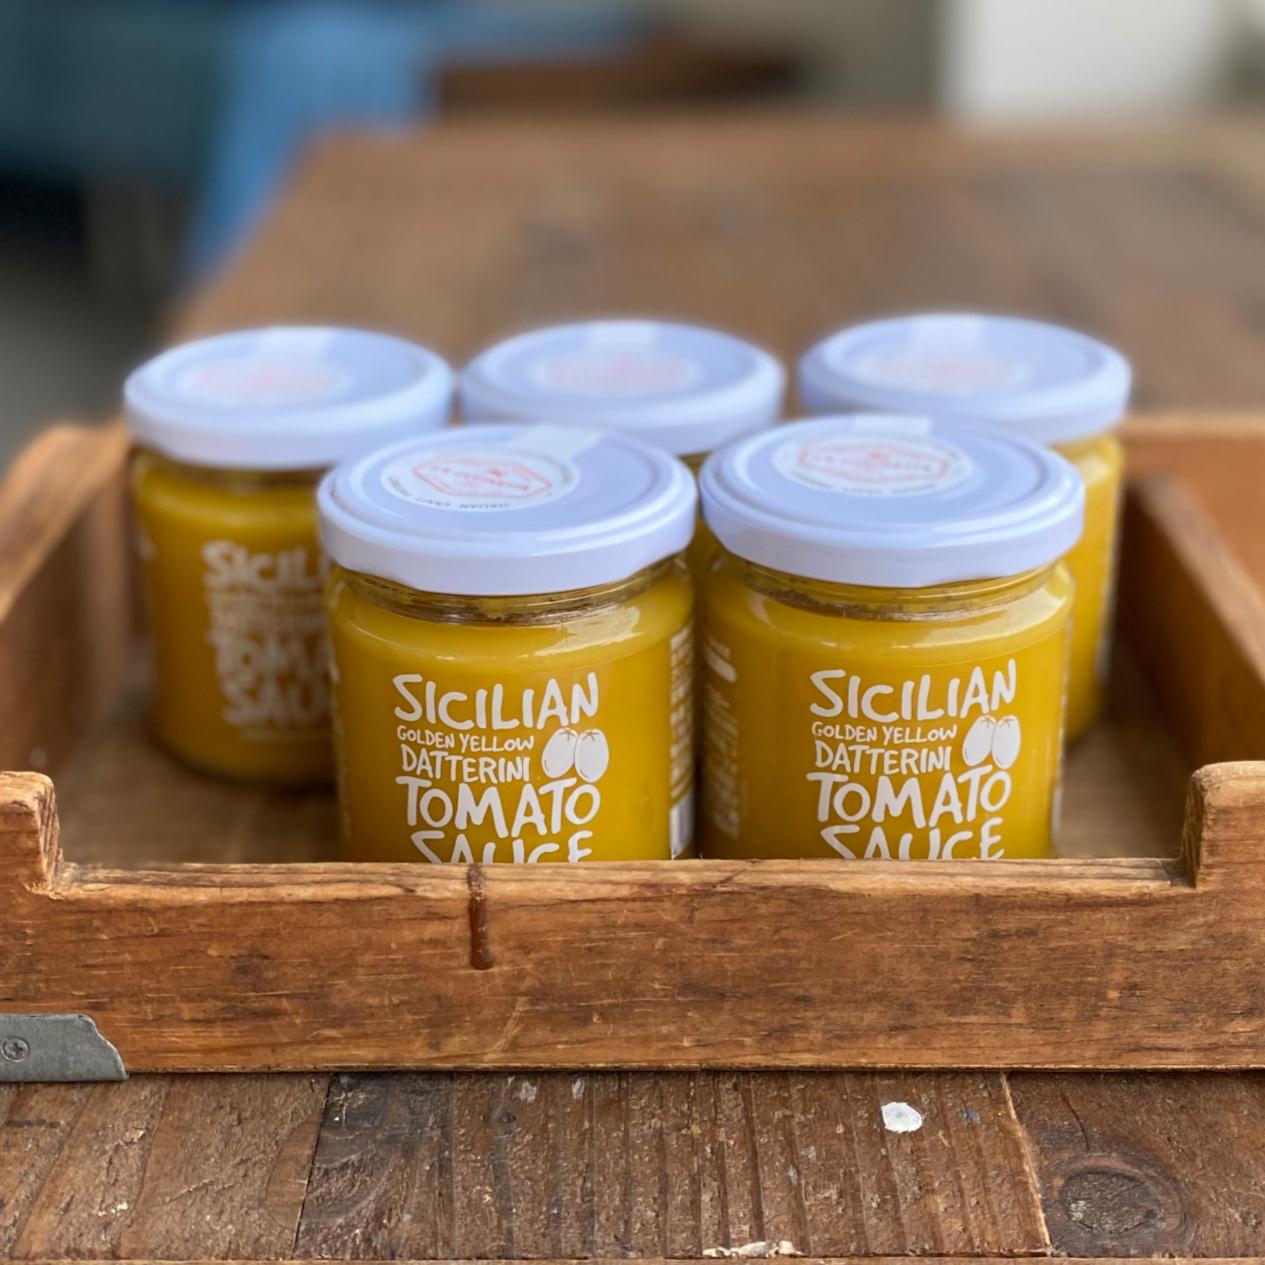 シチリアのゴールデンイエロートマトソース